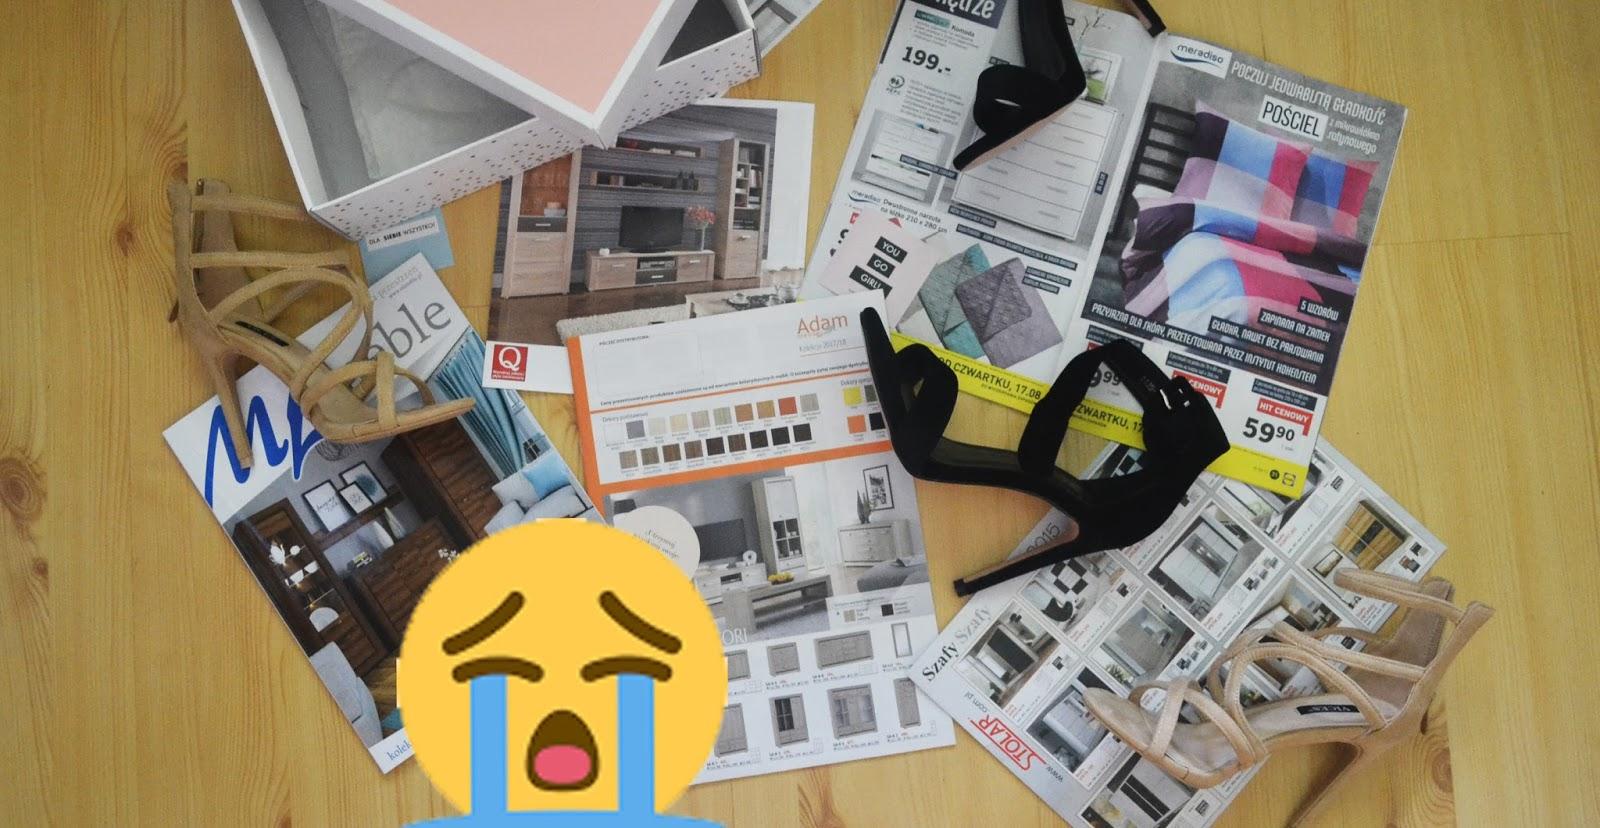 Nowe mieszkanie to tyle stresu